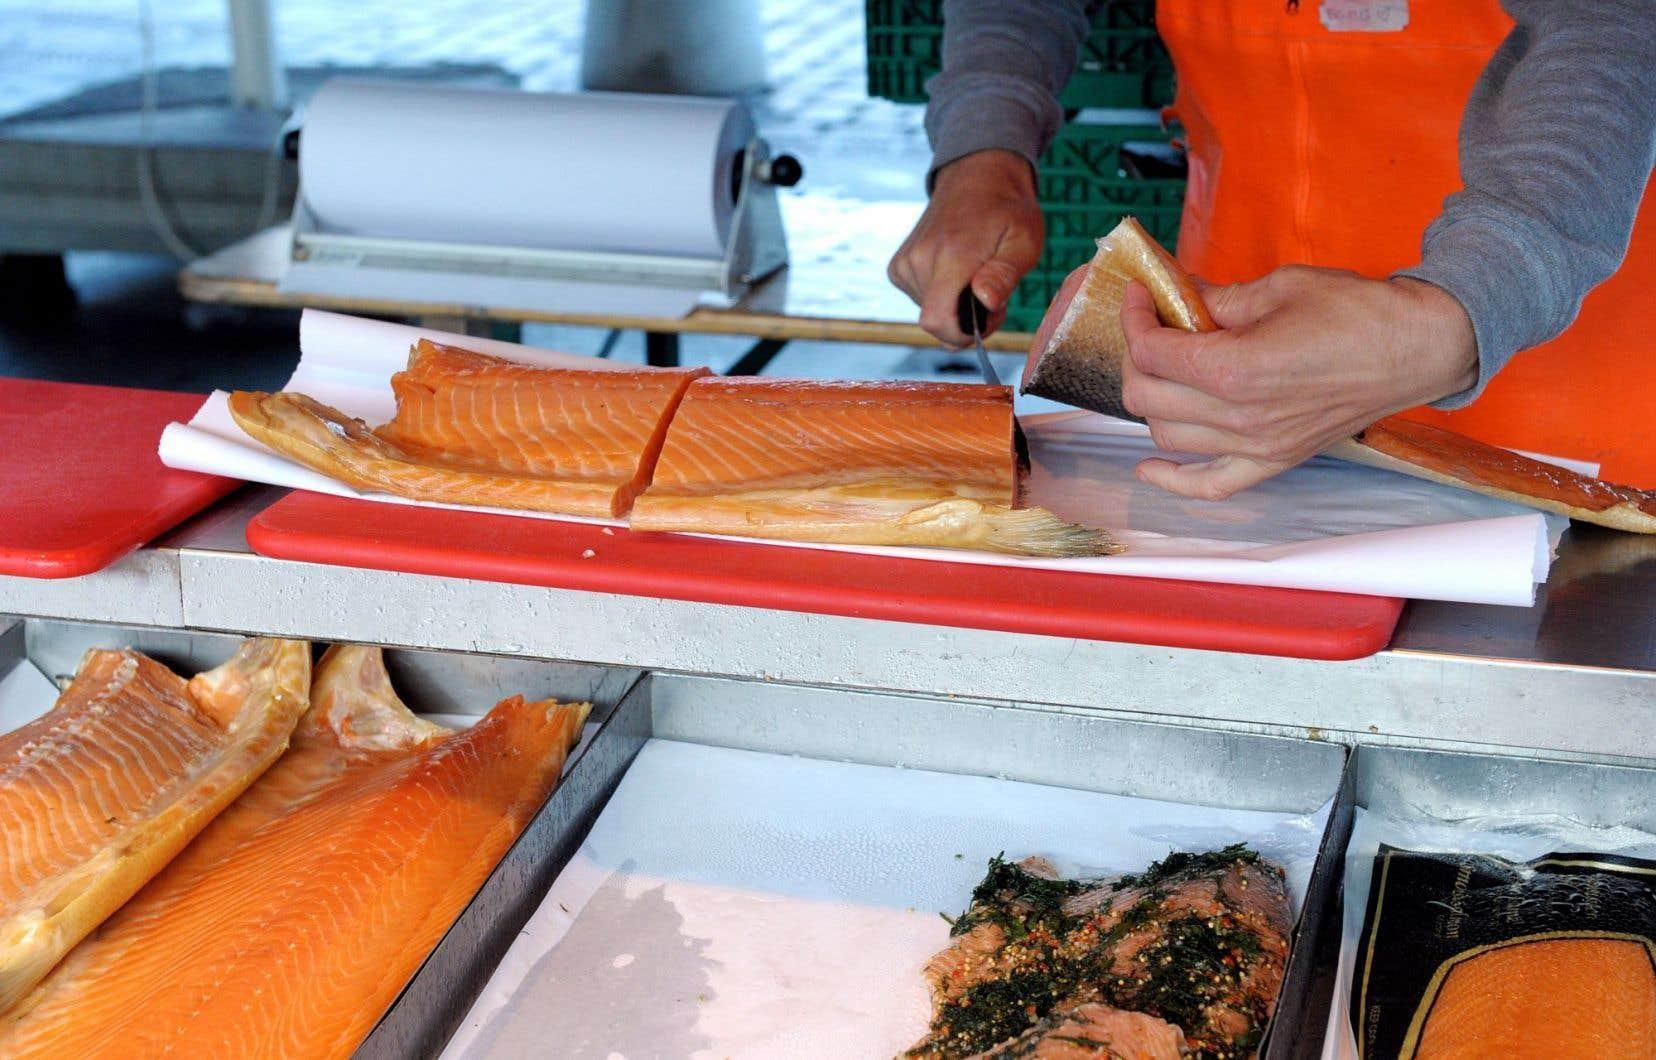 Les risques de consommer du saumon génétiquement modifié sont peut-être nuls ou infimes pour la santé, mais alors, pourquoi ne pas l'étiqueter comme OGM ?